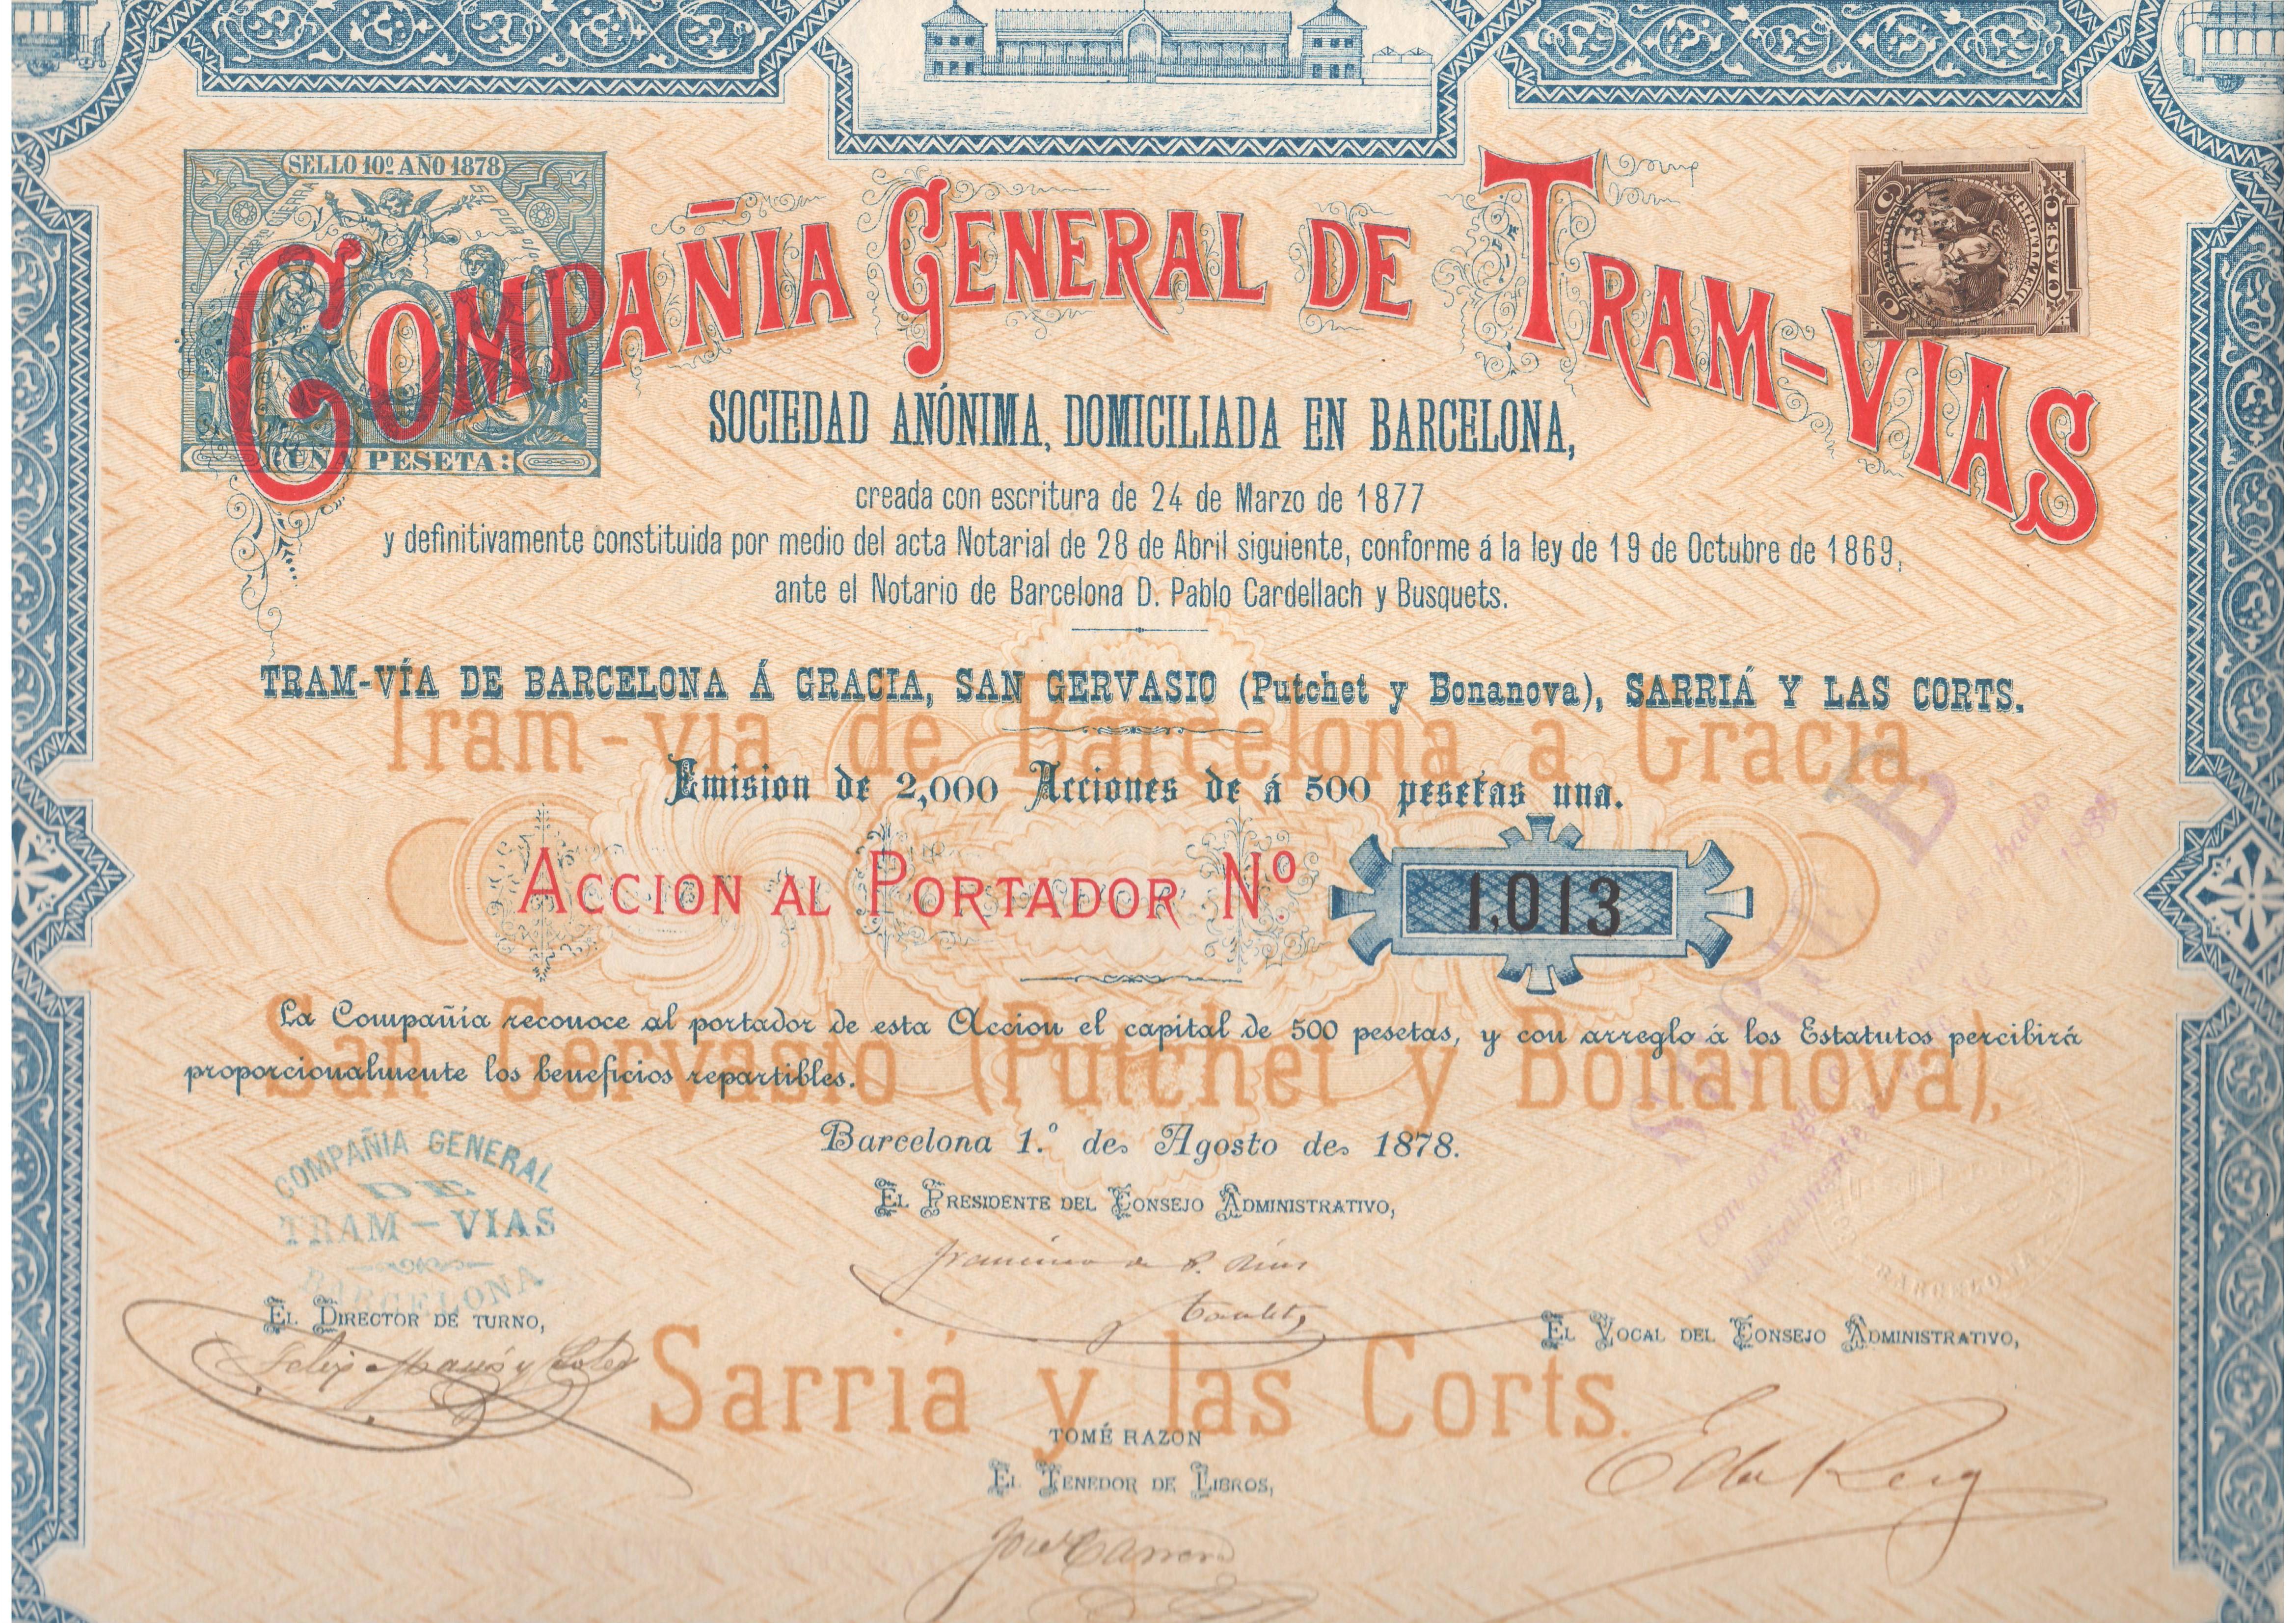 Compañía General de Tranvías